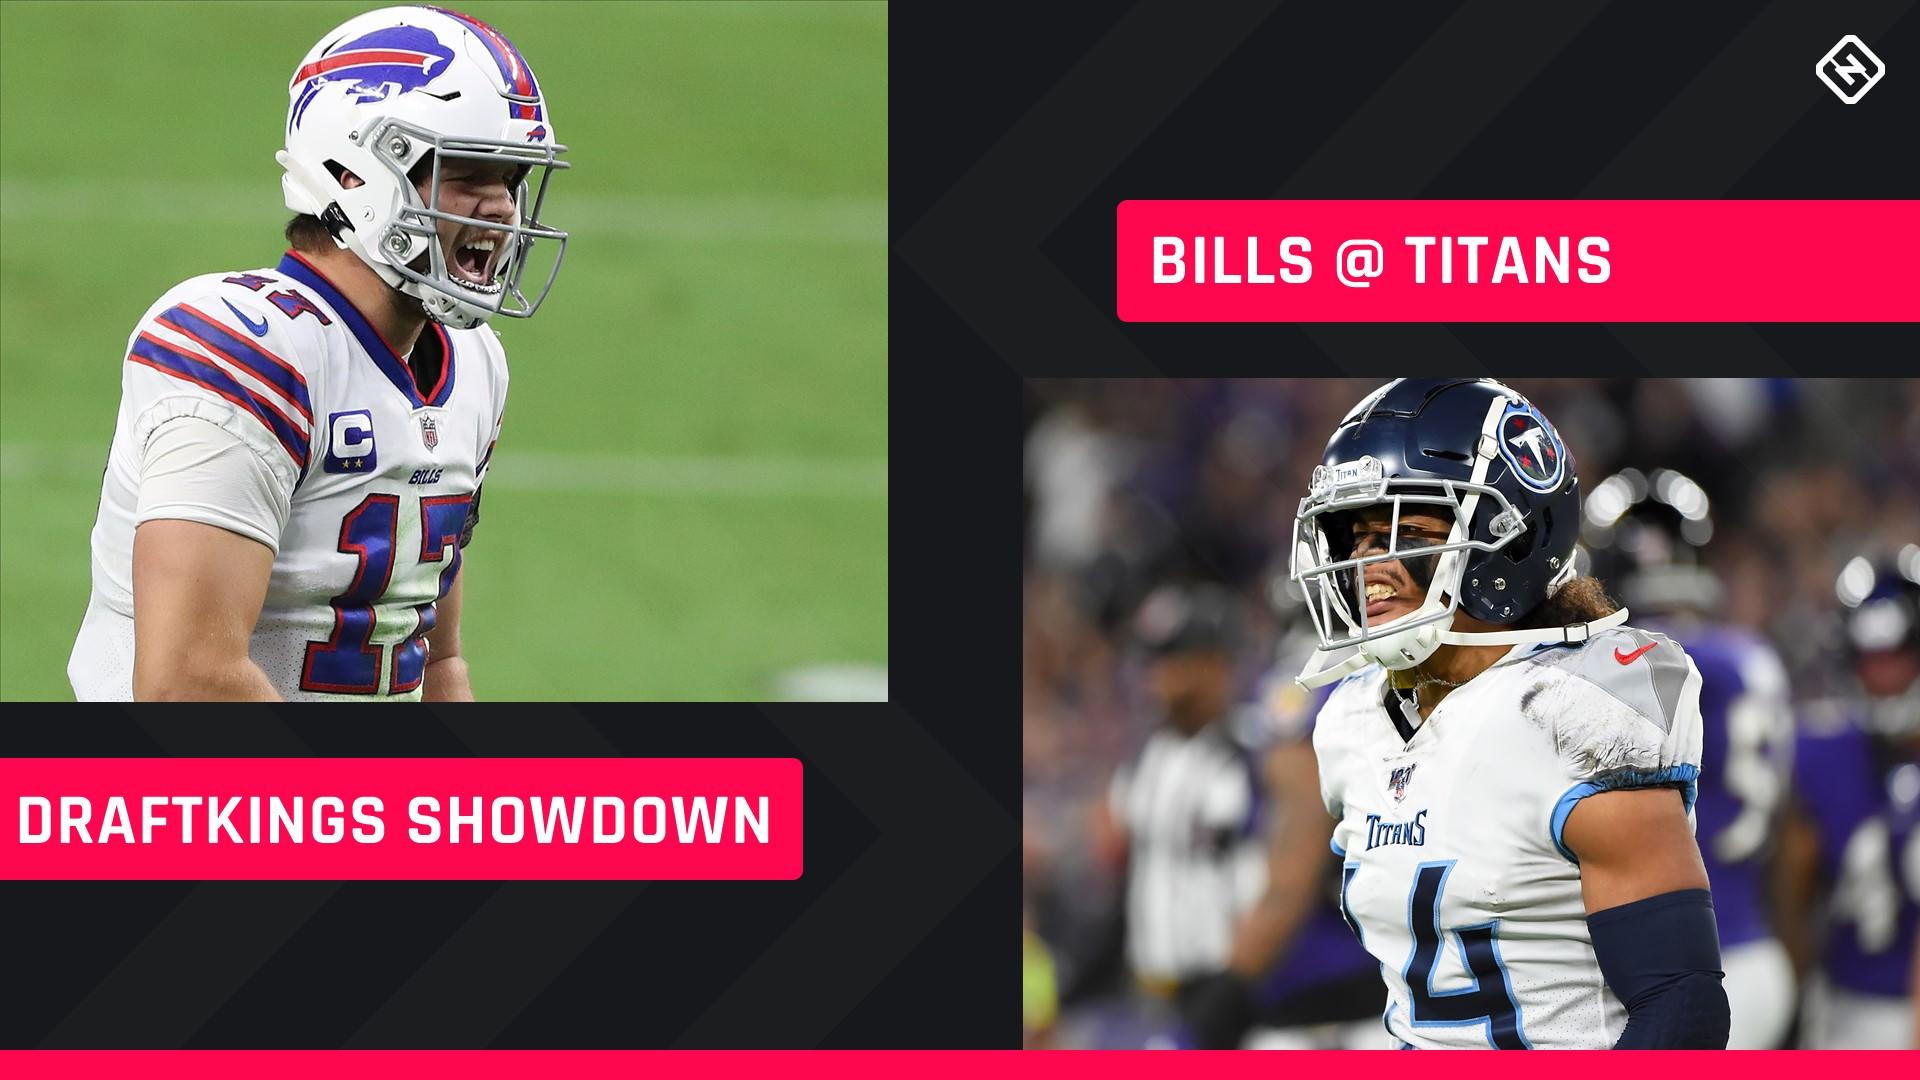 Escolhas dos Reis de Draft de Futebol de Terça à Noite: Conselhos sobre escalação NFL DFS para torneios da Semana 5 do Bills-Titans Showdown